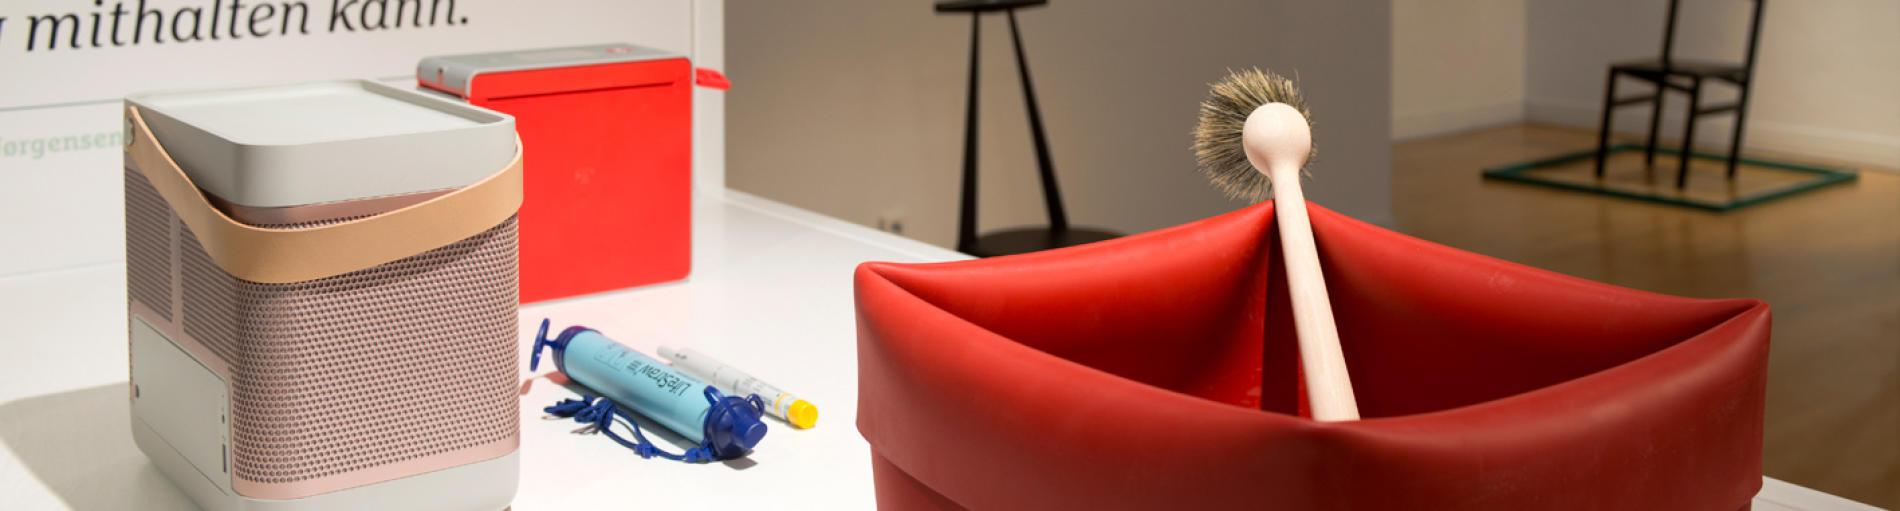 neue austellung im wilhelm wagenfeld haus einfach gut design aus d nemark. Black Bedroom Furniture Sets. Home Design Ideas